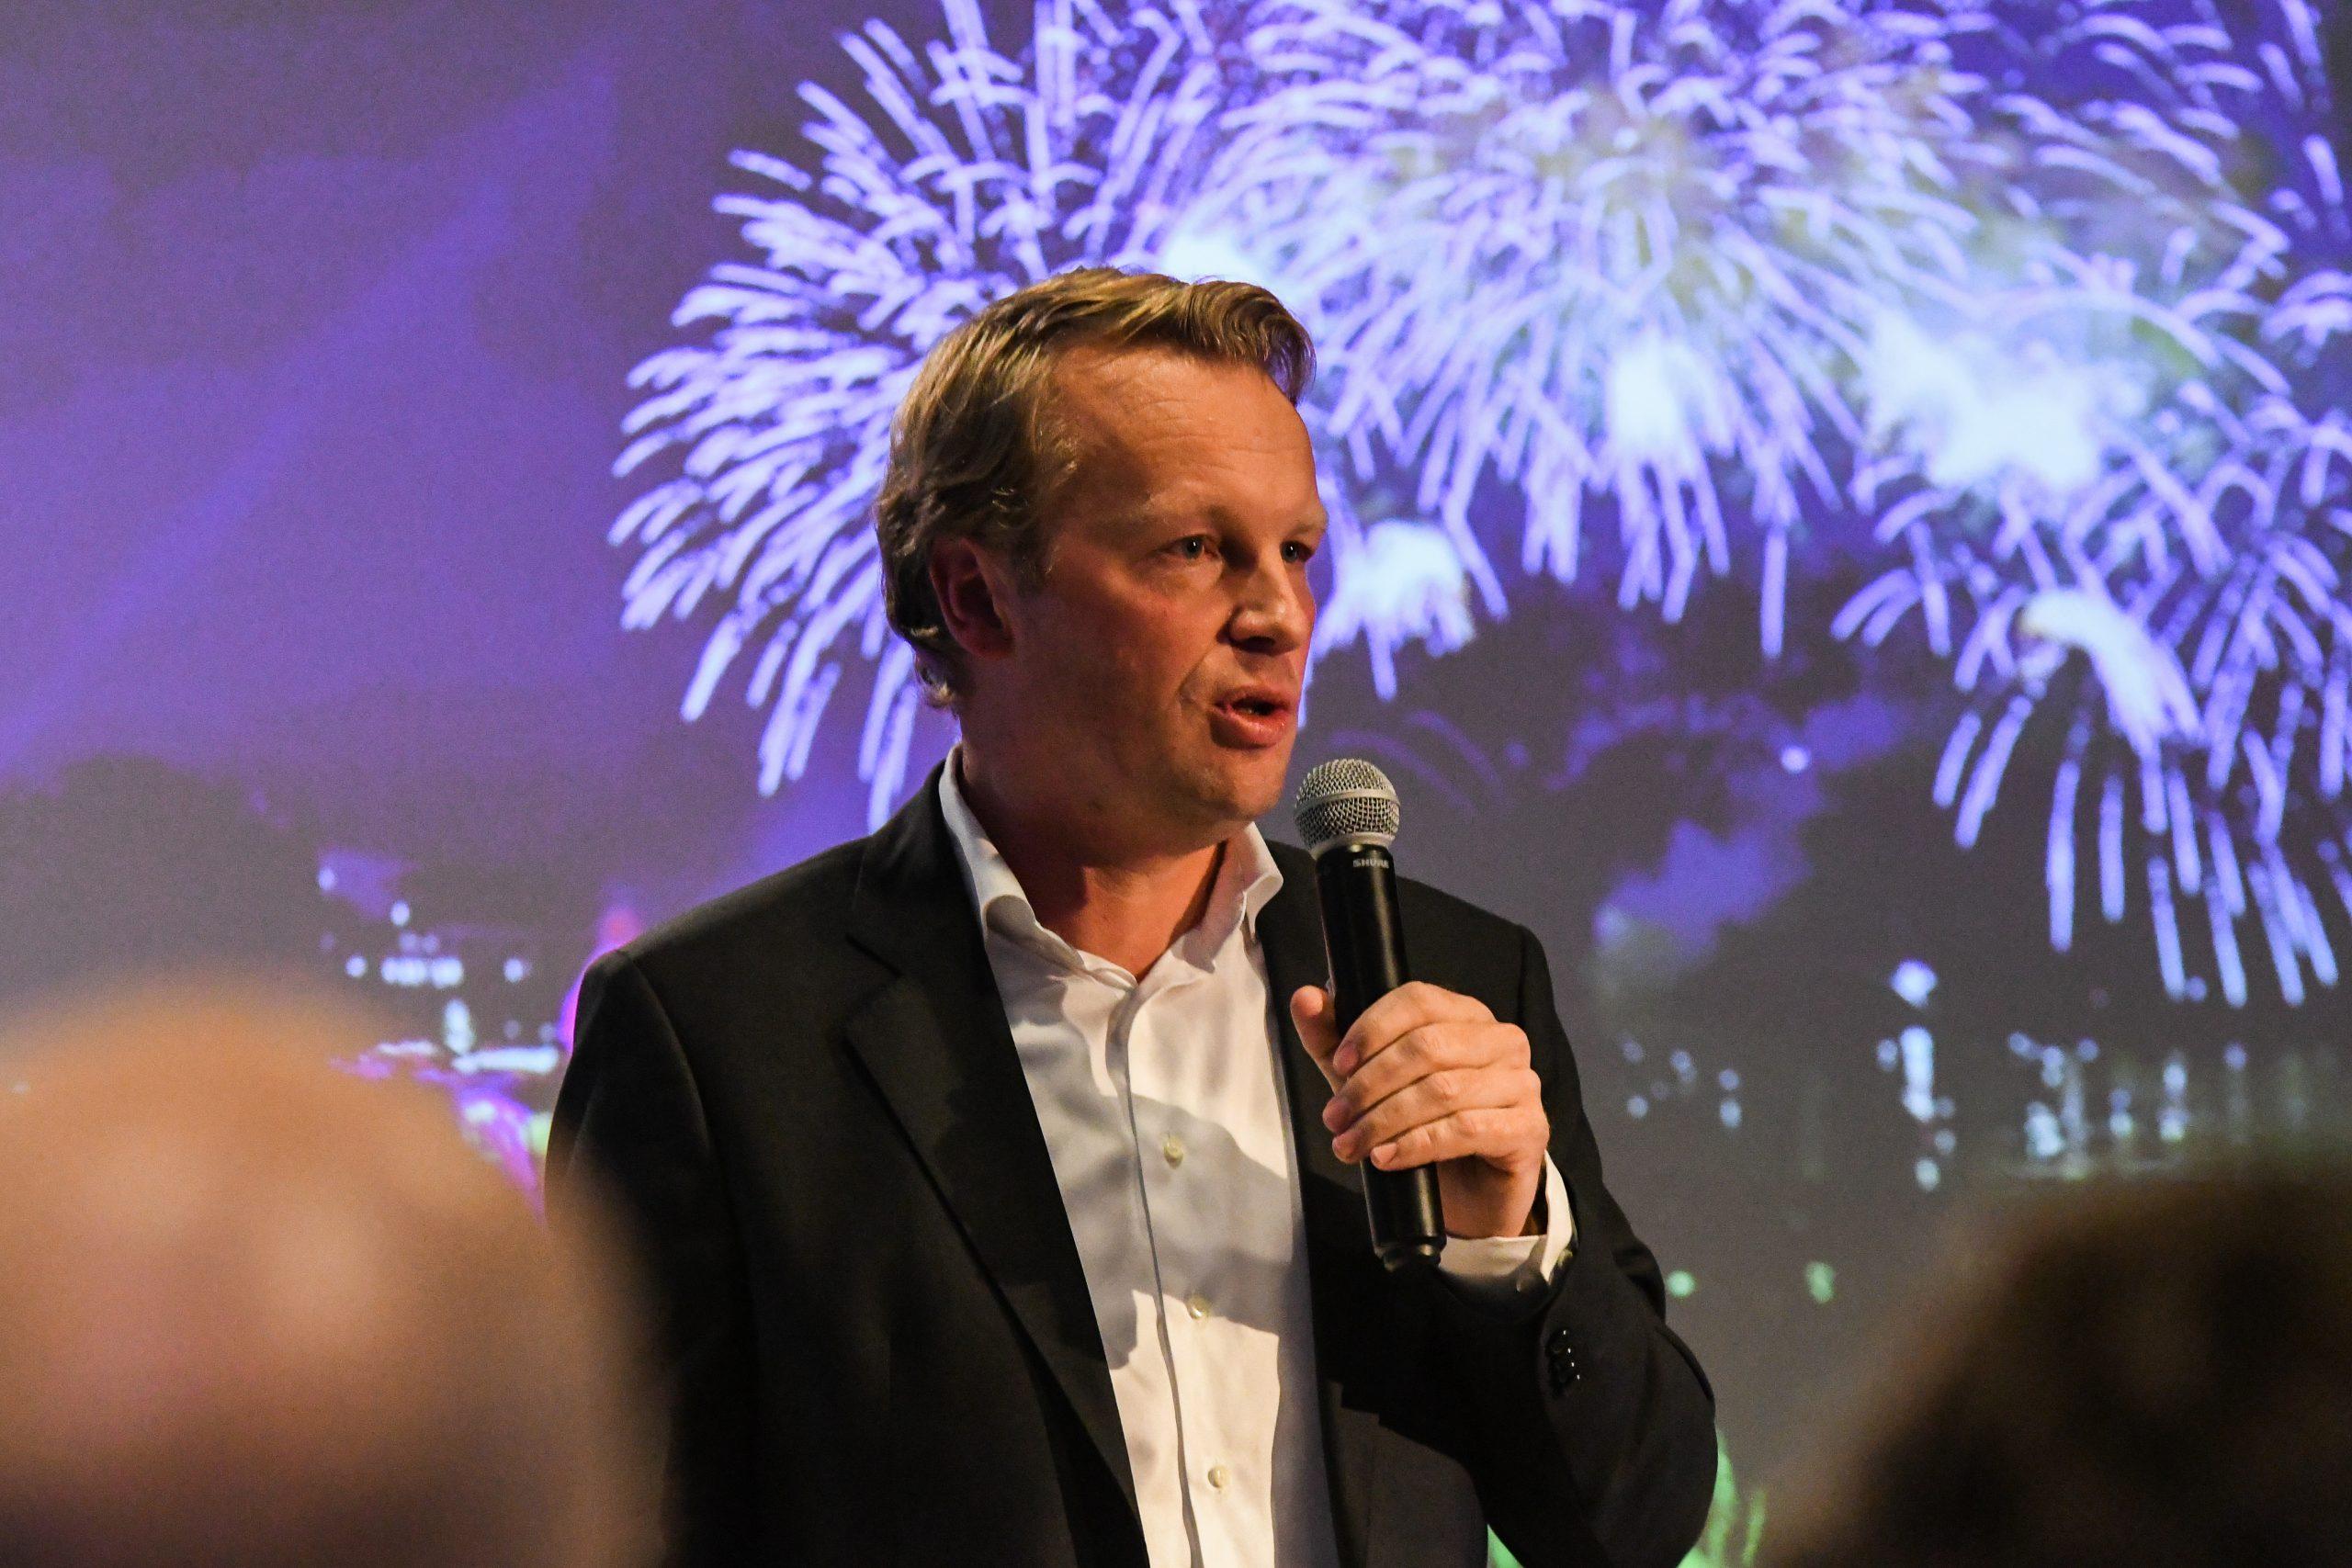 Foto: Benedicte Tandsæther-Andersen